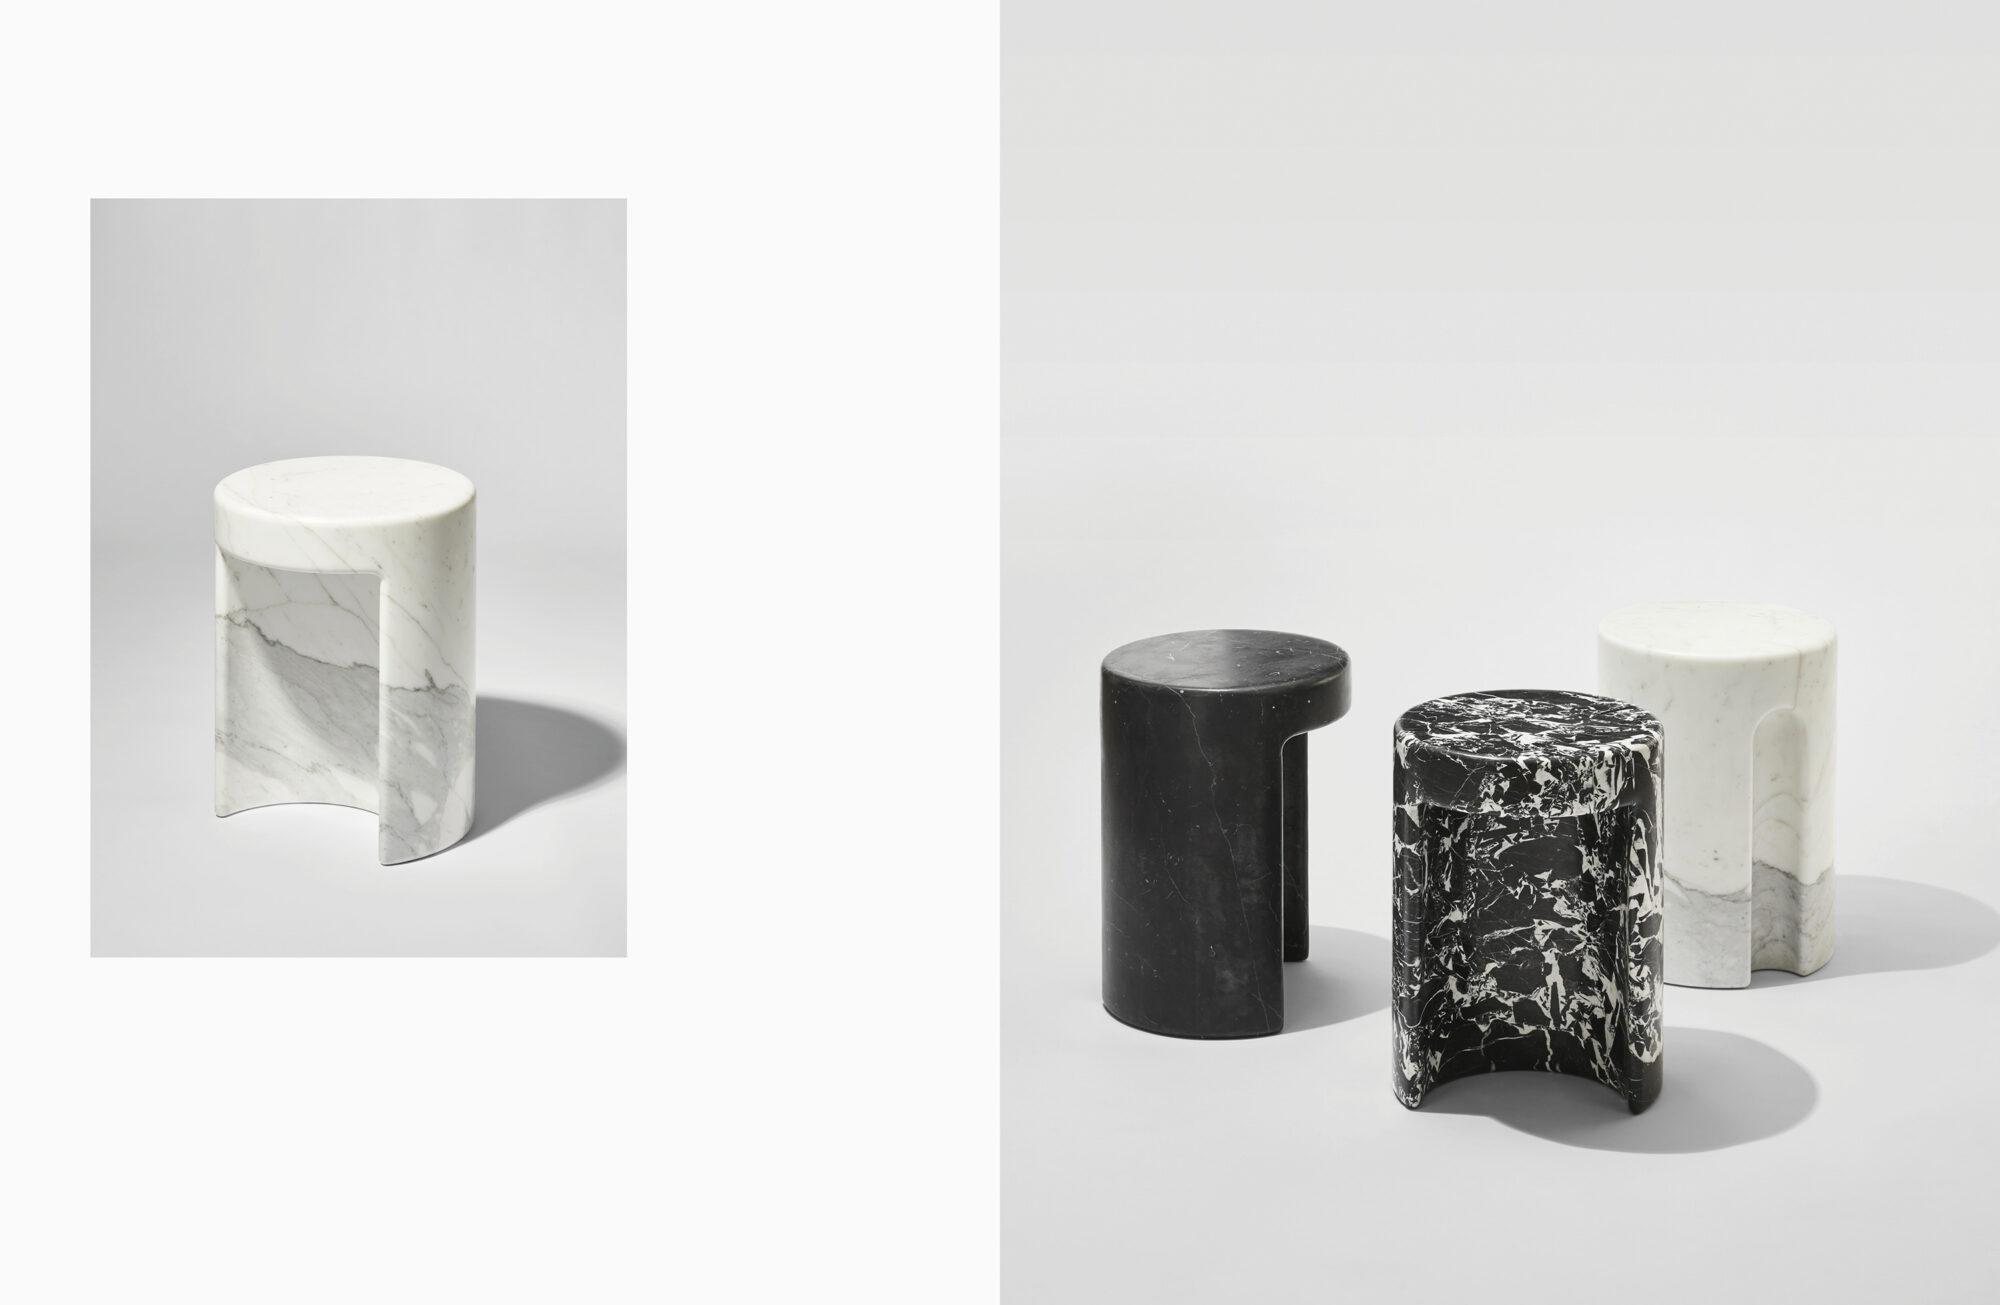 Monochrome - Galerie Negropontes